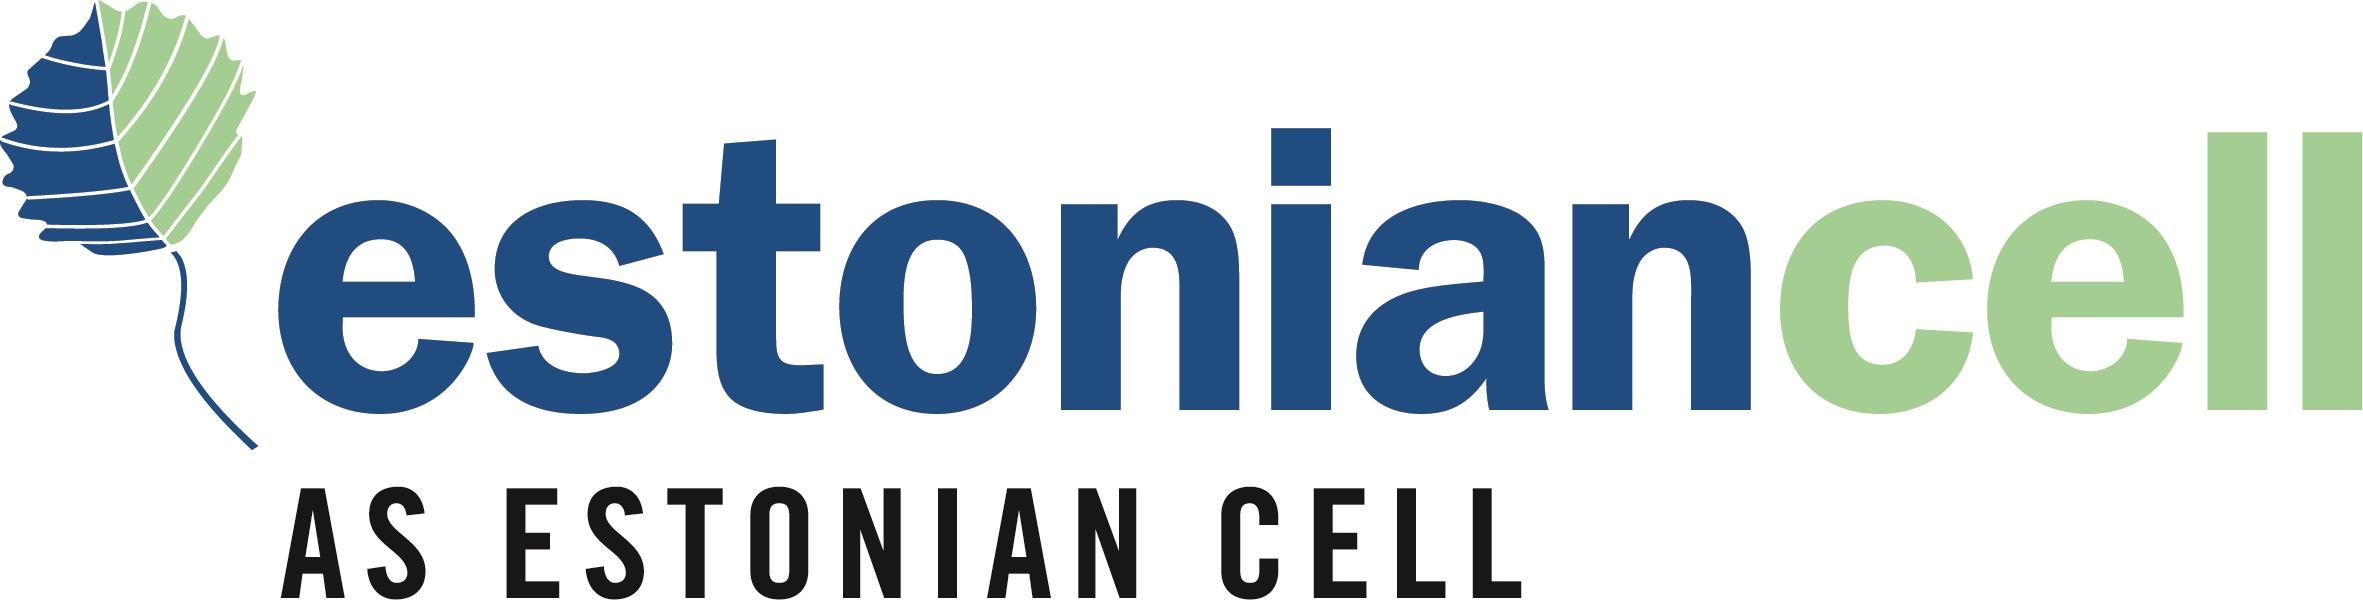 estoniancell_logo.jpg